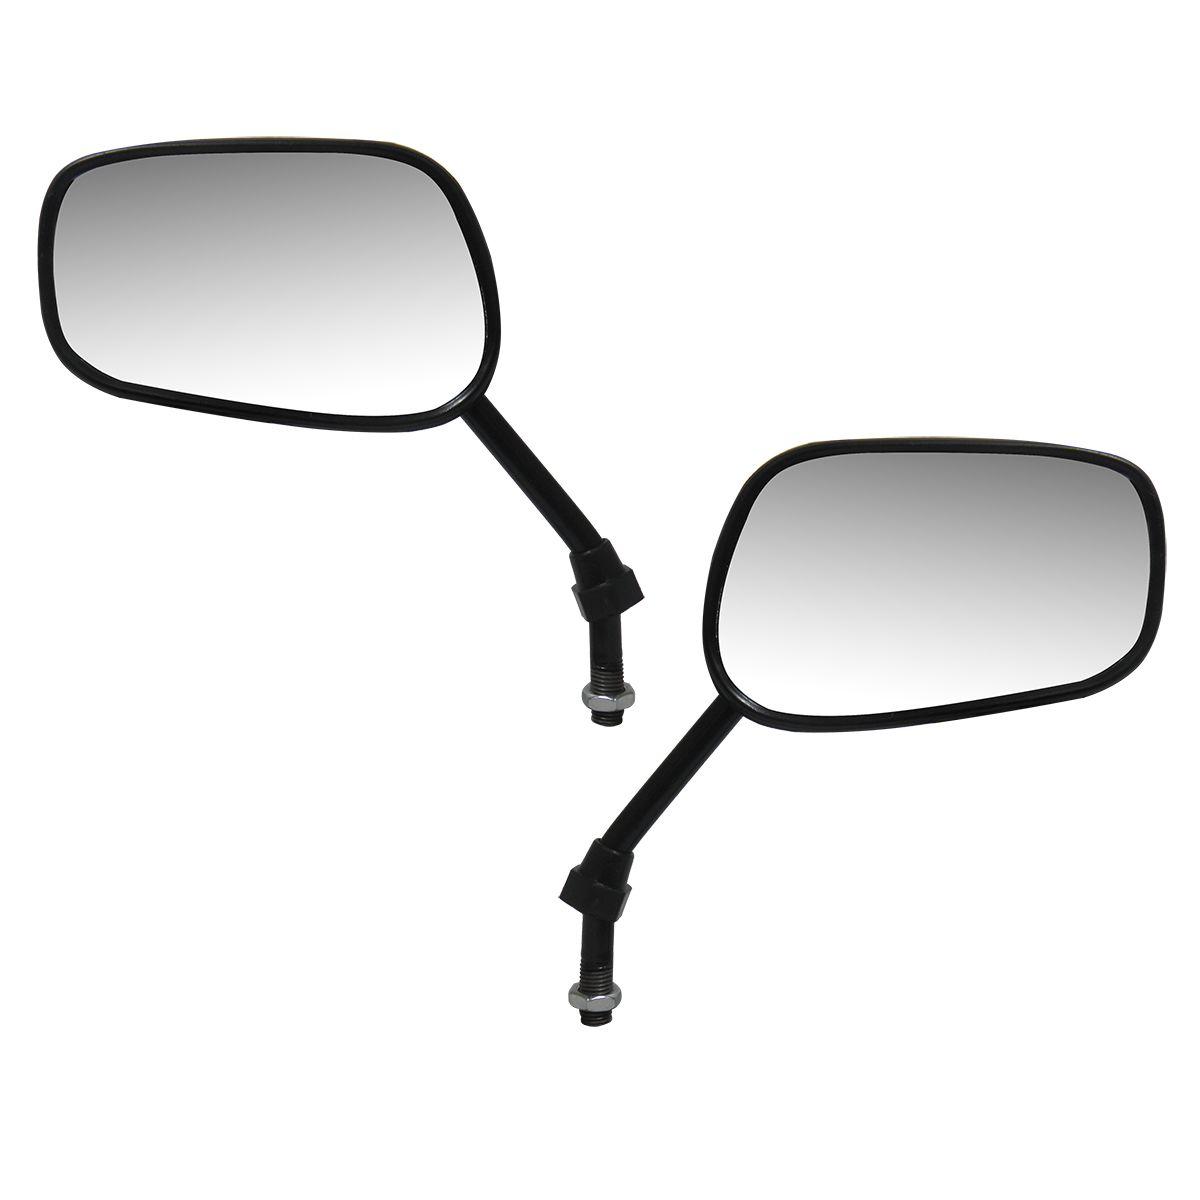 Espelho Par Retrovisor Moto Titan Ks Es Mini Serve em Todas Hondas